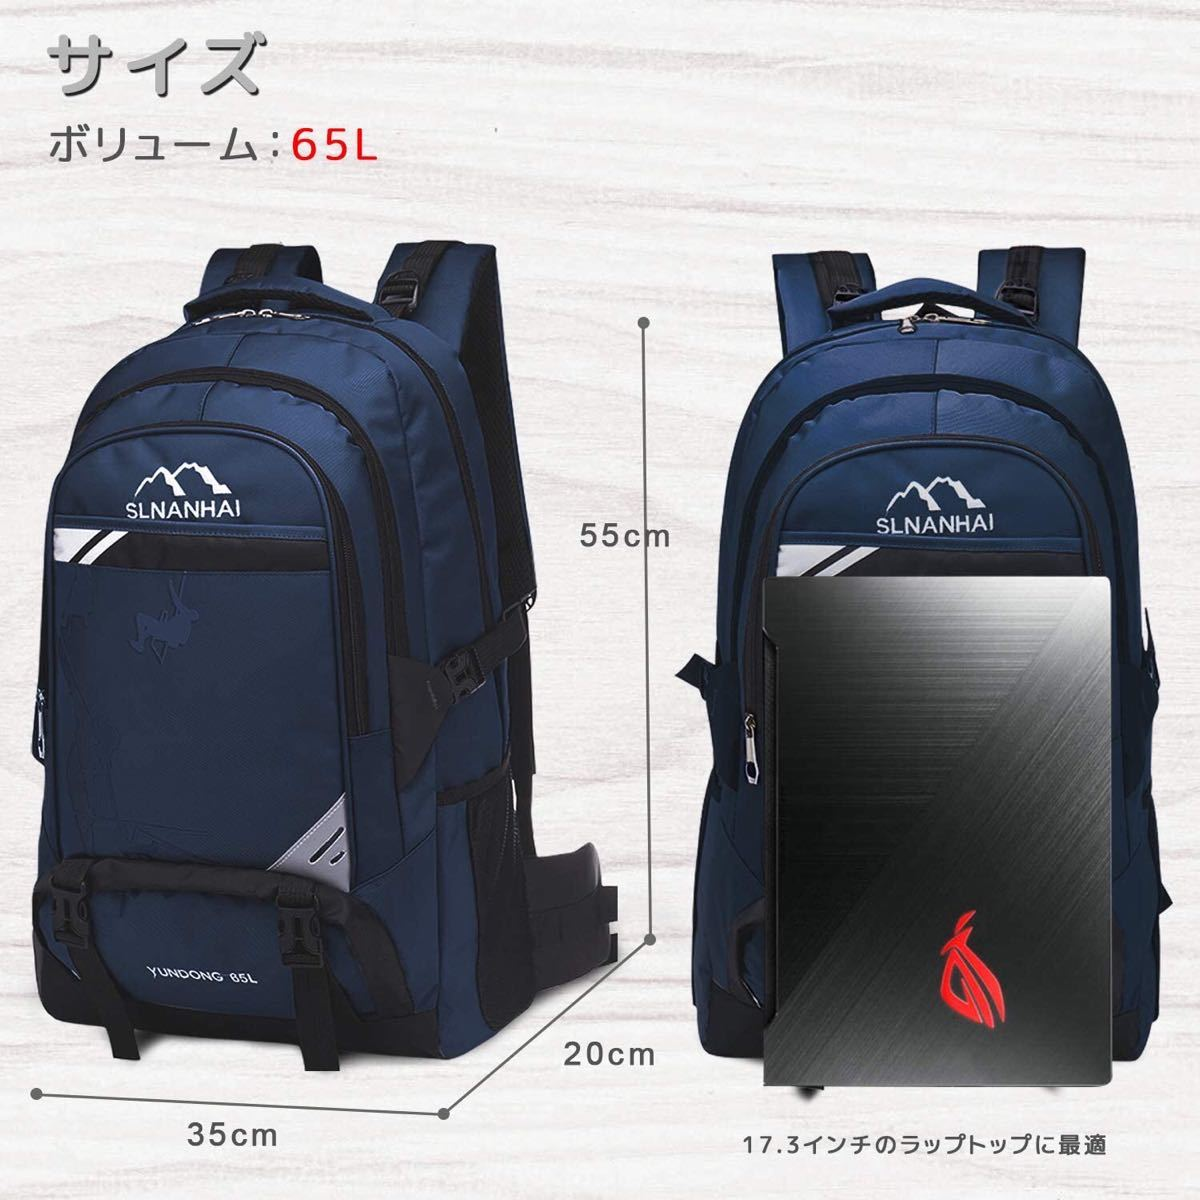 バックパック 登山 リュック65L 大容量 防水 アウトドア防災災害旅行男女兼用